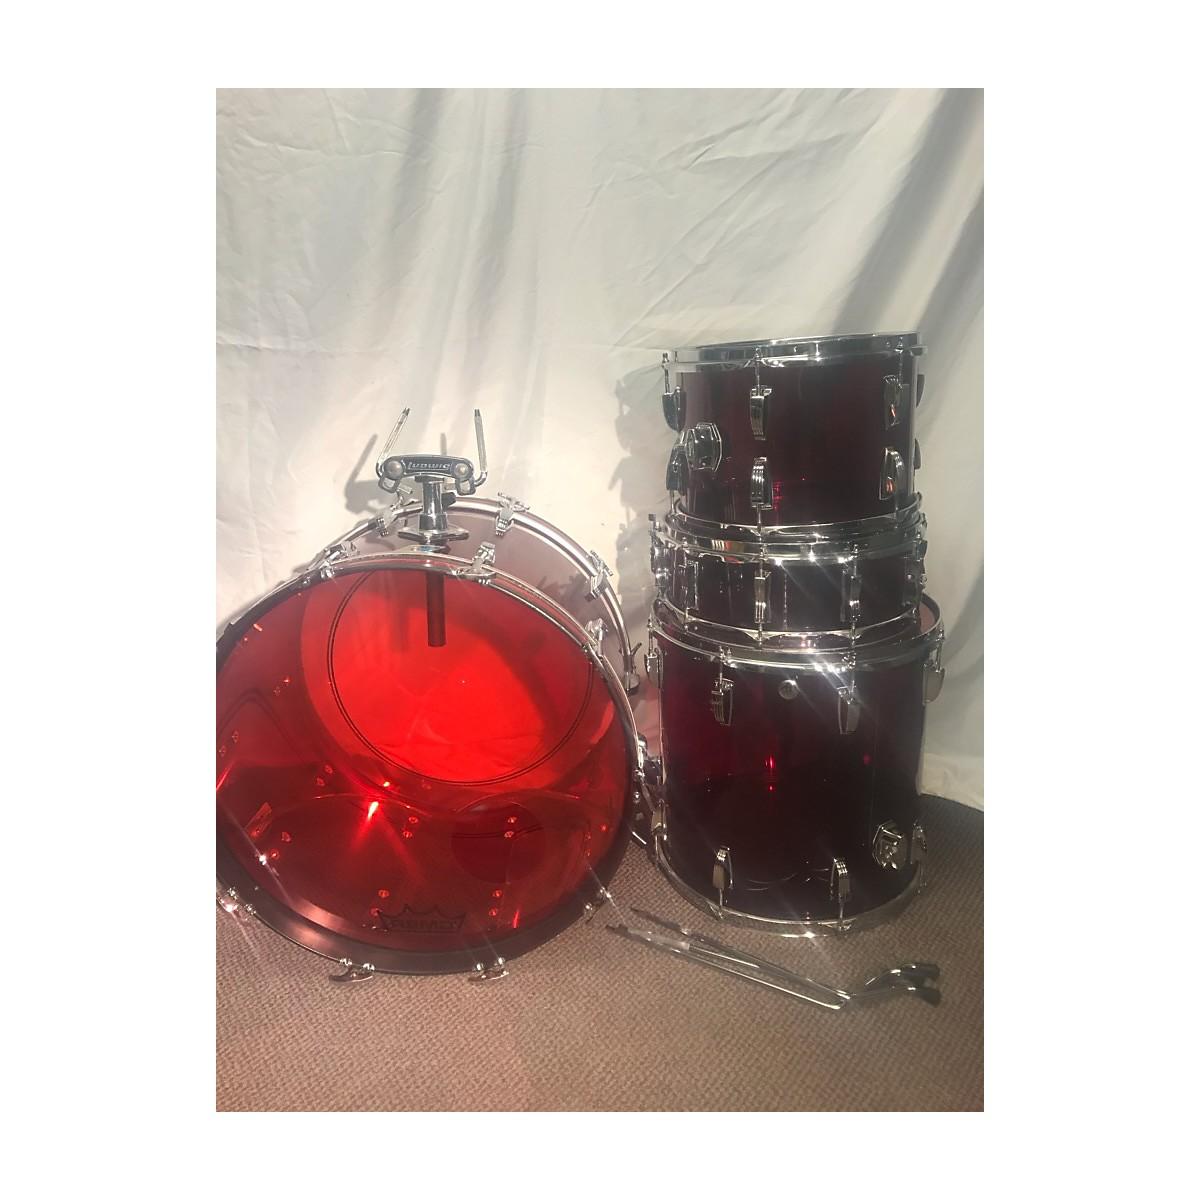 Ludwig 1976 Vistalite Drum Kit